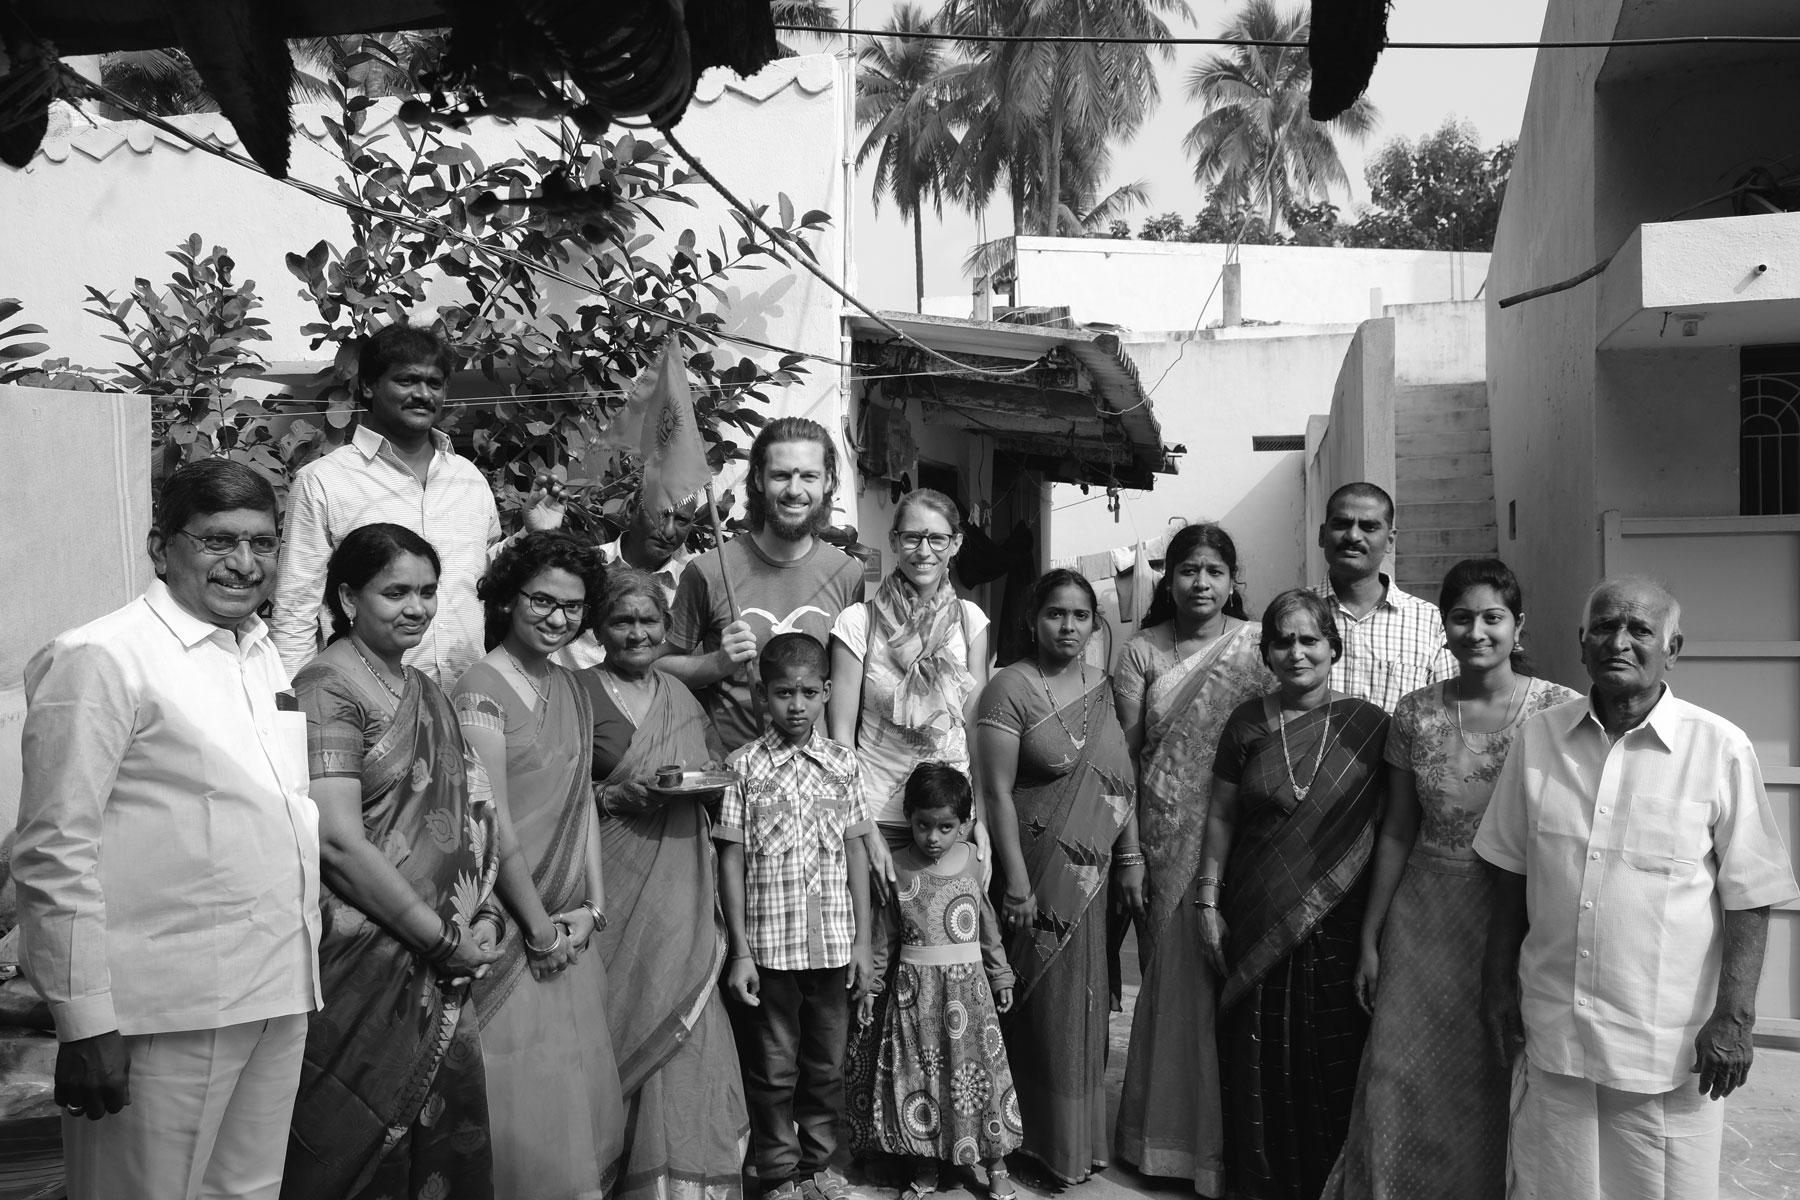 Sebastian und Leo mit einer indischen Großfamilie.